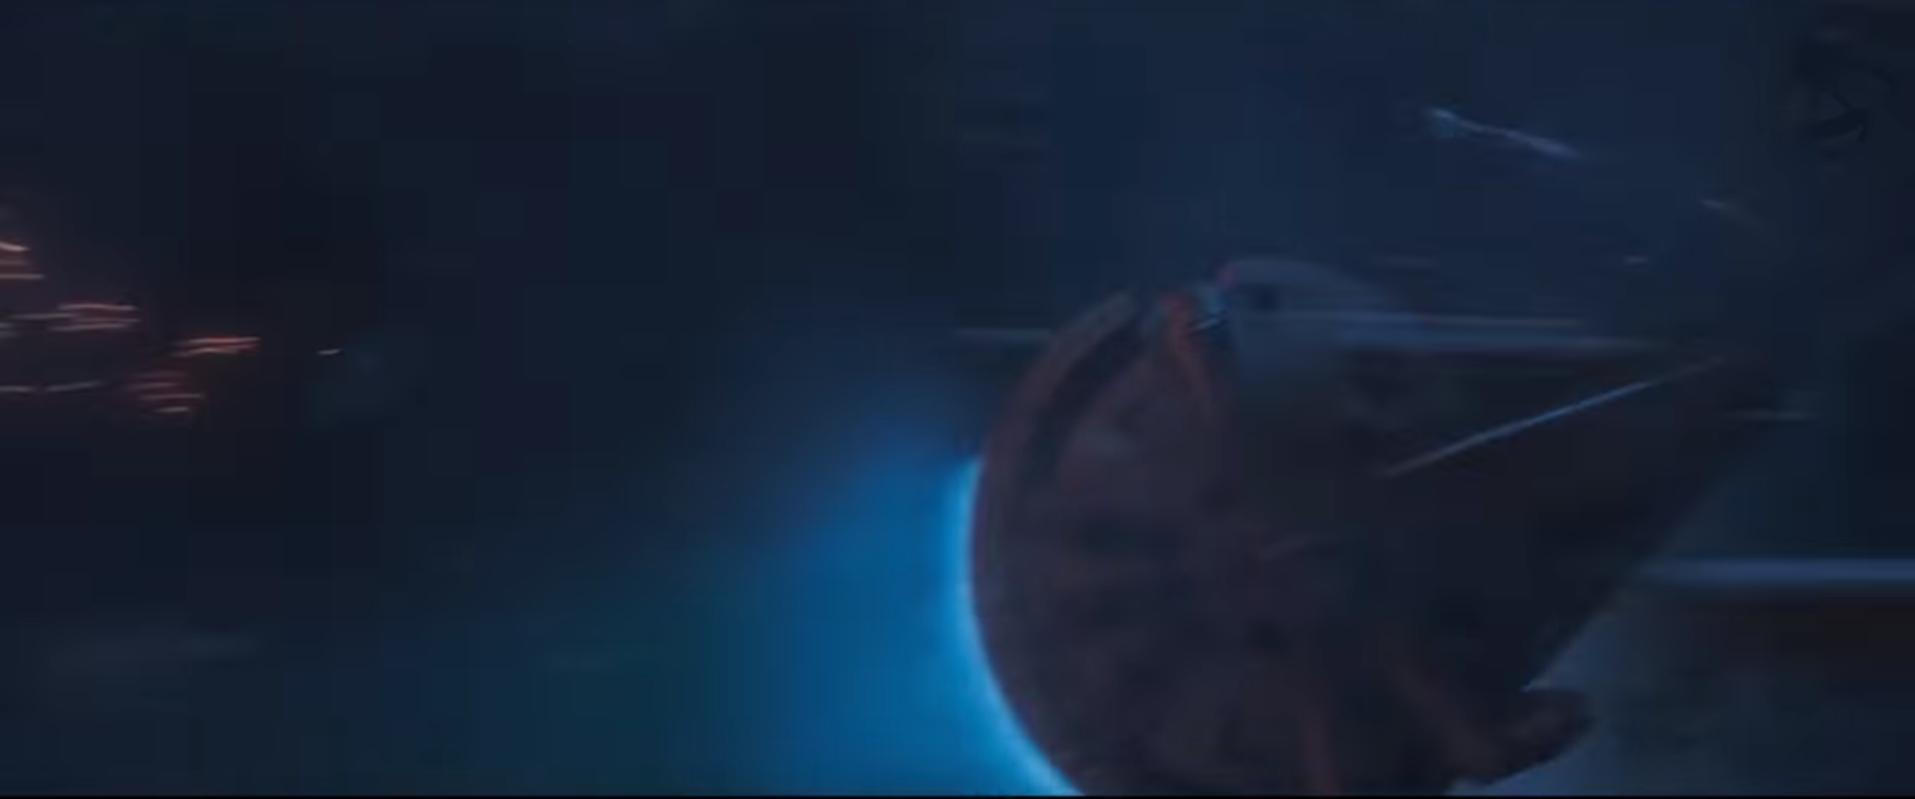 Az Ezeréves Sólyom eredeti állapotában jelenik majd meg az új Han Solo filmben.